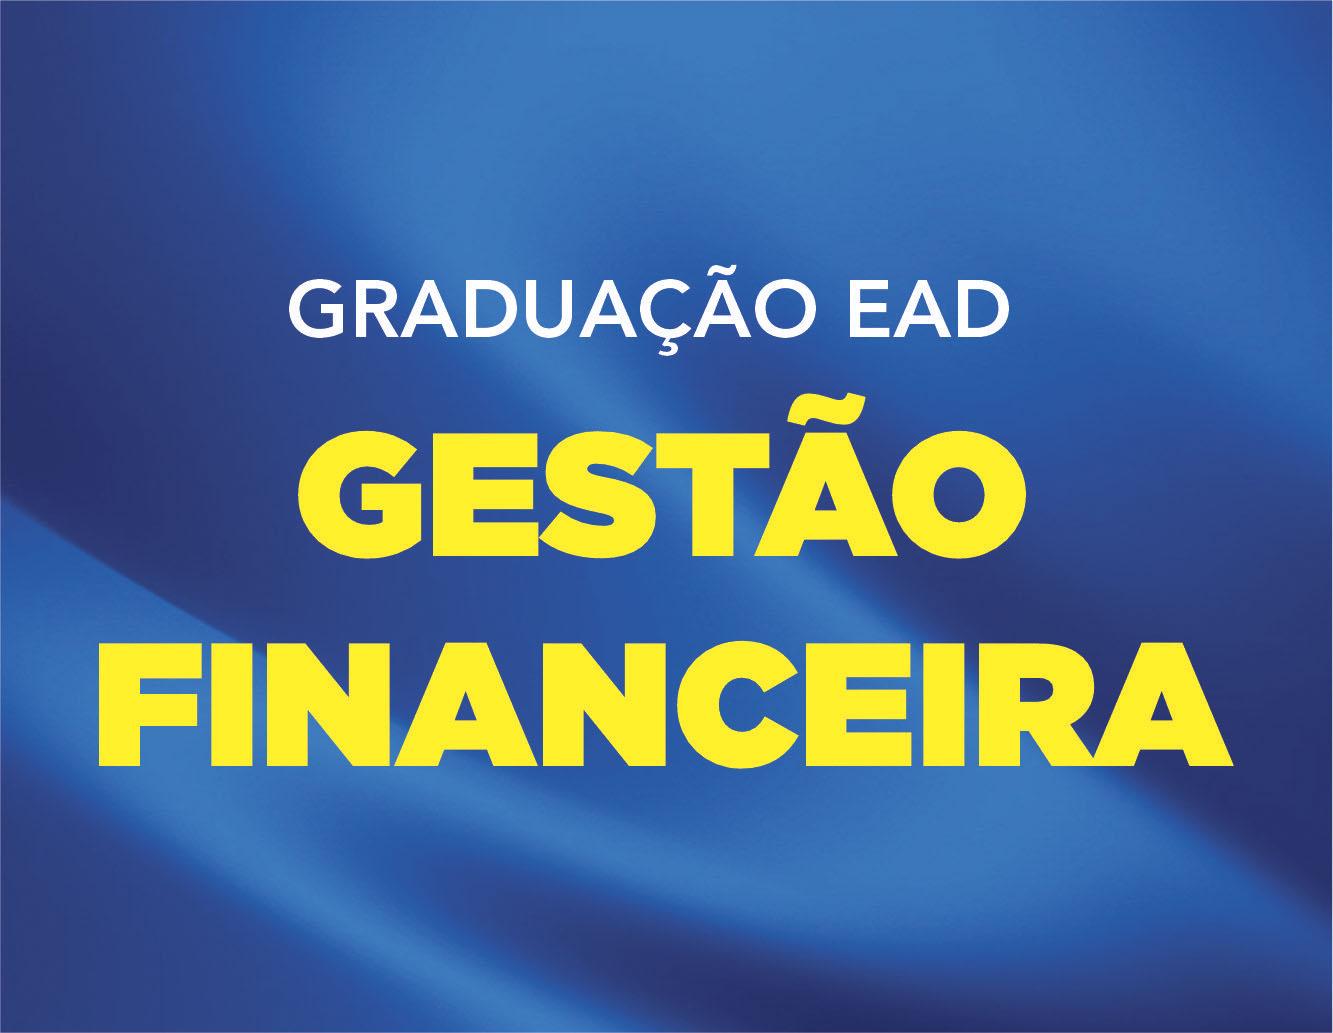 GESTAO FINANC